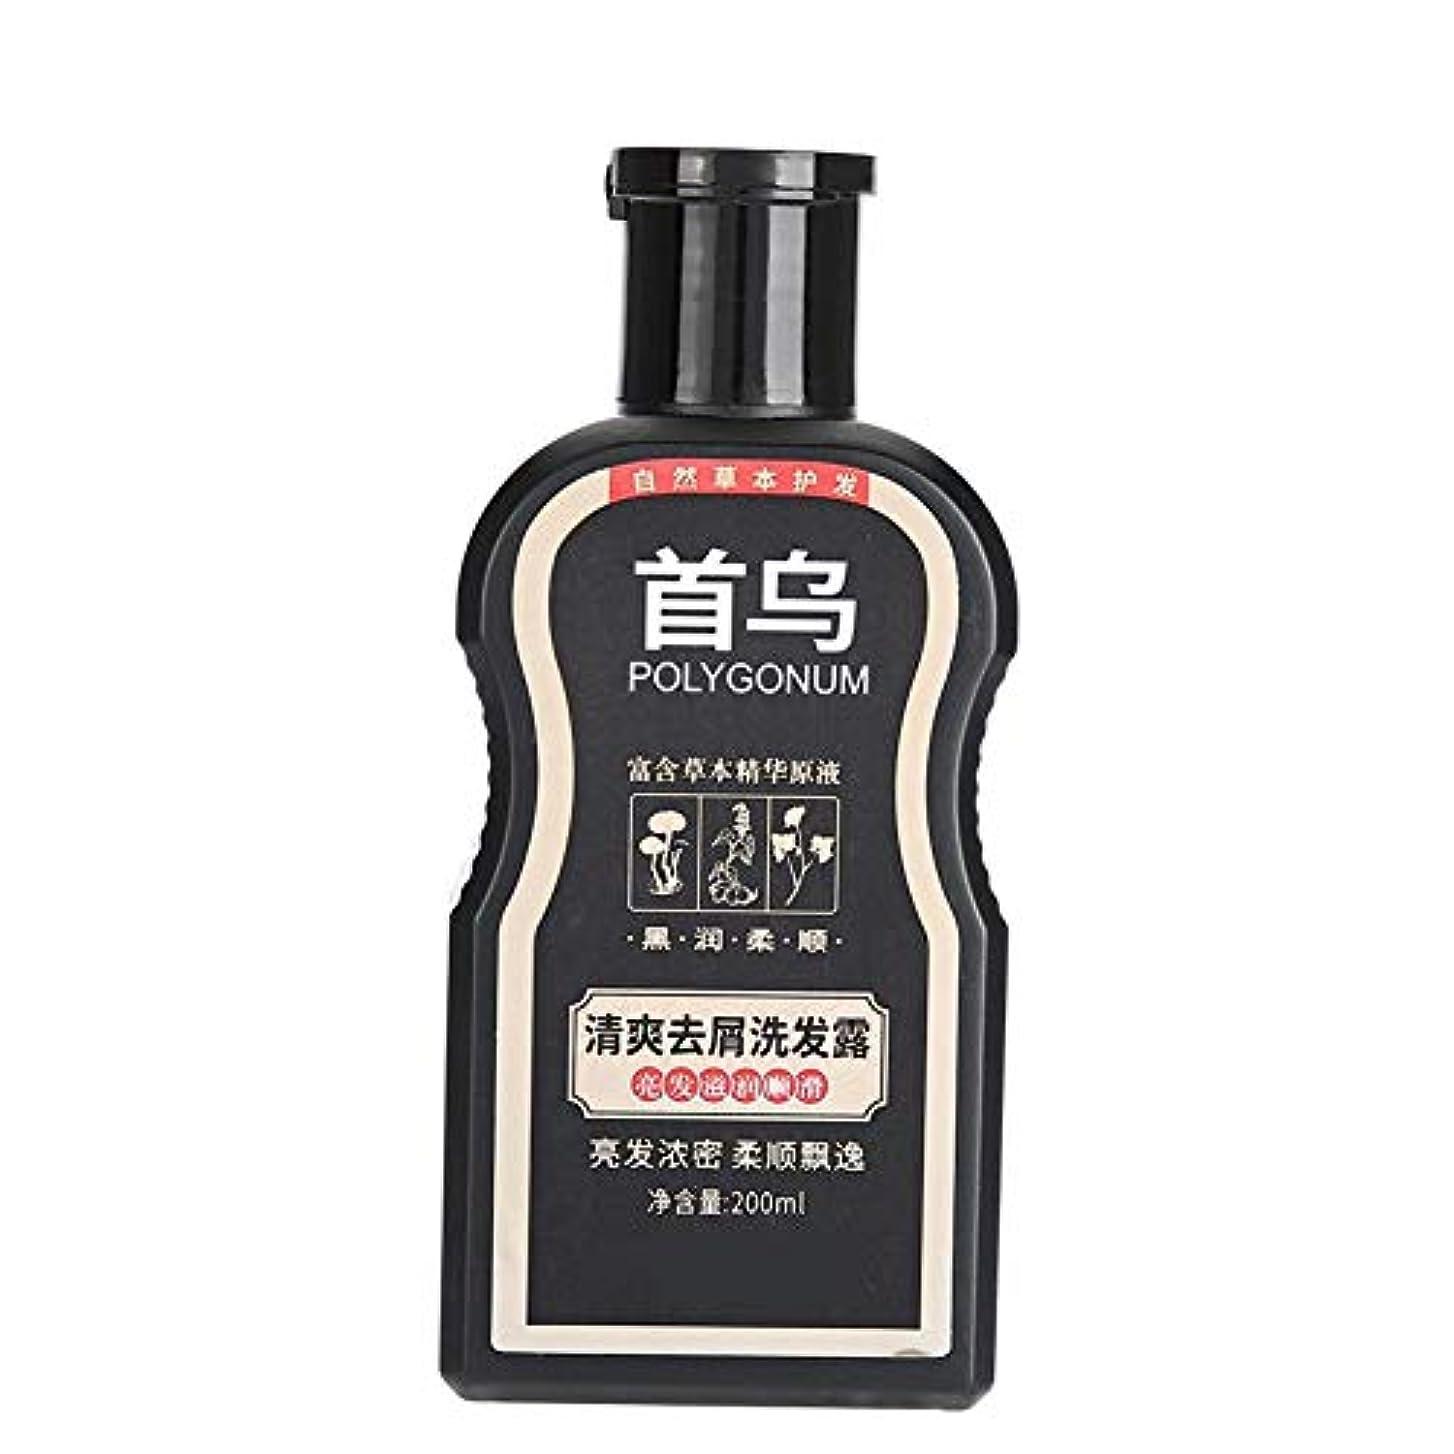 火曜日輝く徹底Polygonum Multiflorumシャンプー、ふけ防止掻痒防止200ml、オイルコントロールモイスチャライジングヘアシャンプー、傷んだ髪を養い、修復するため、黒く滑らかに、そして稠密にする